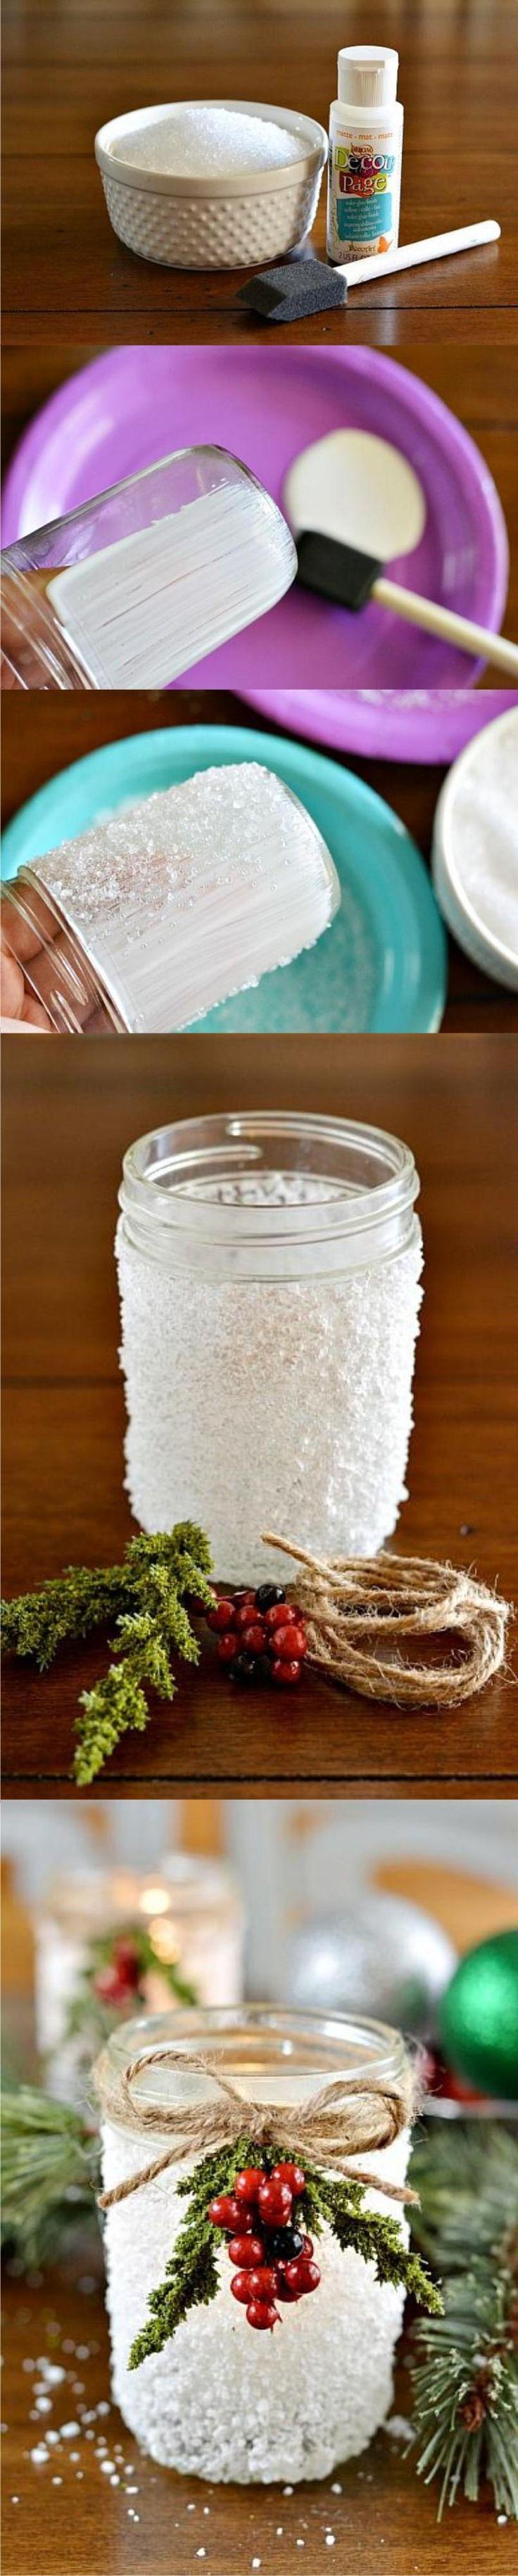 Decoración navidad reutilizando tarro - decoart.com - DIY Snowy Christmas Mason Jar